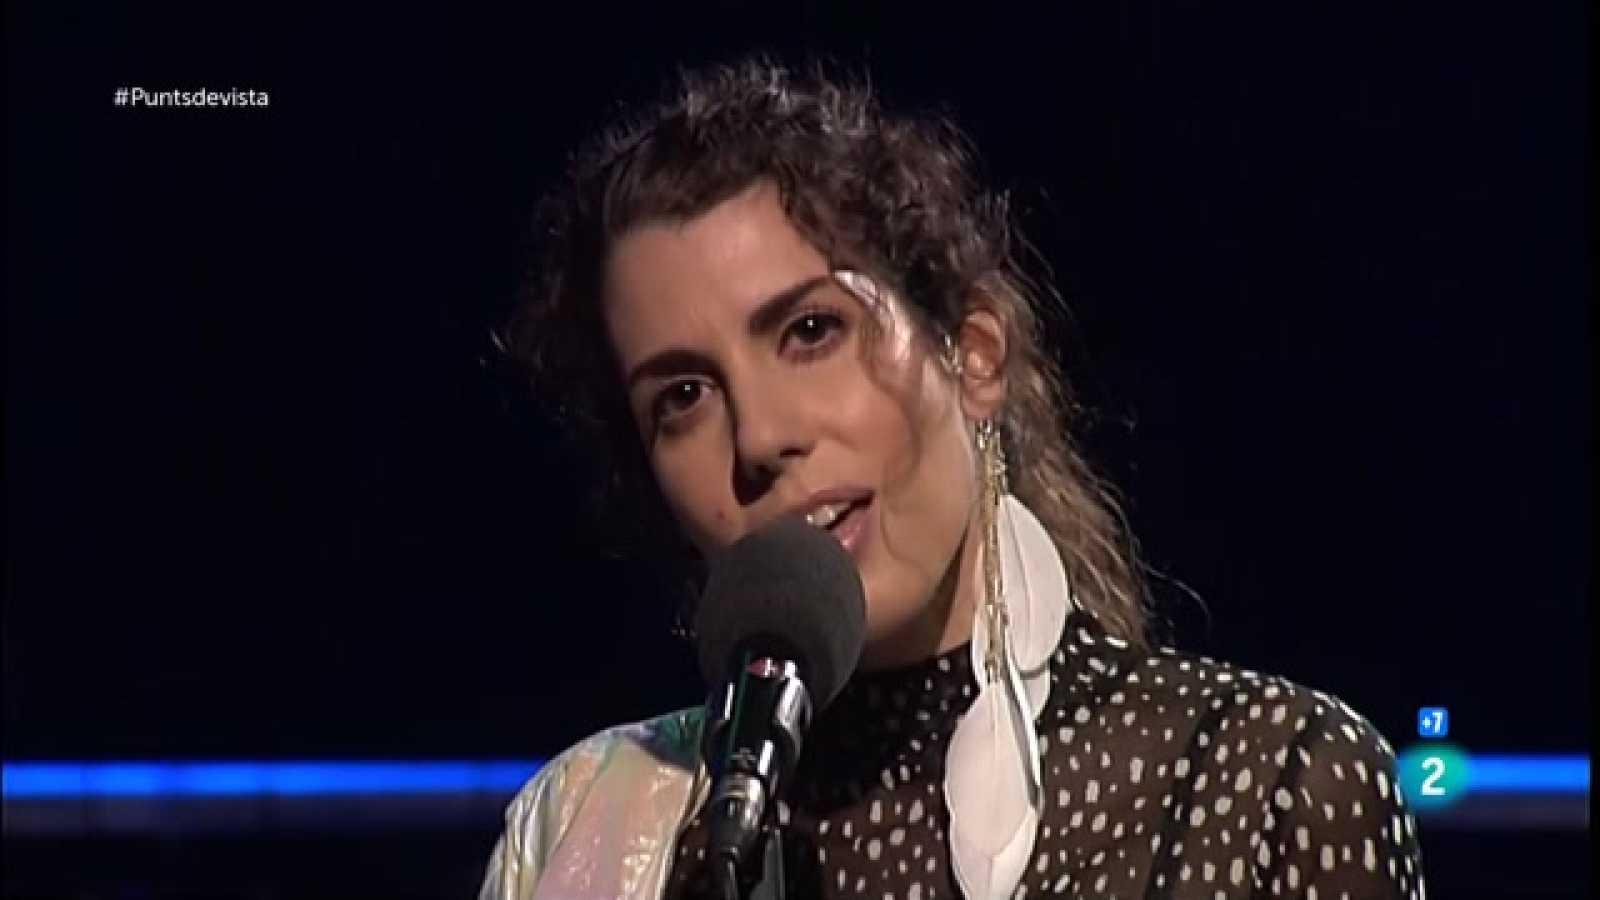 Actuació Cristina Malakhai a Punts de vista